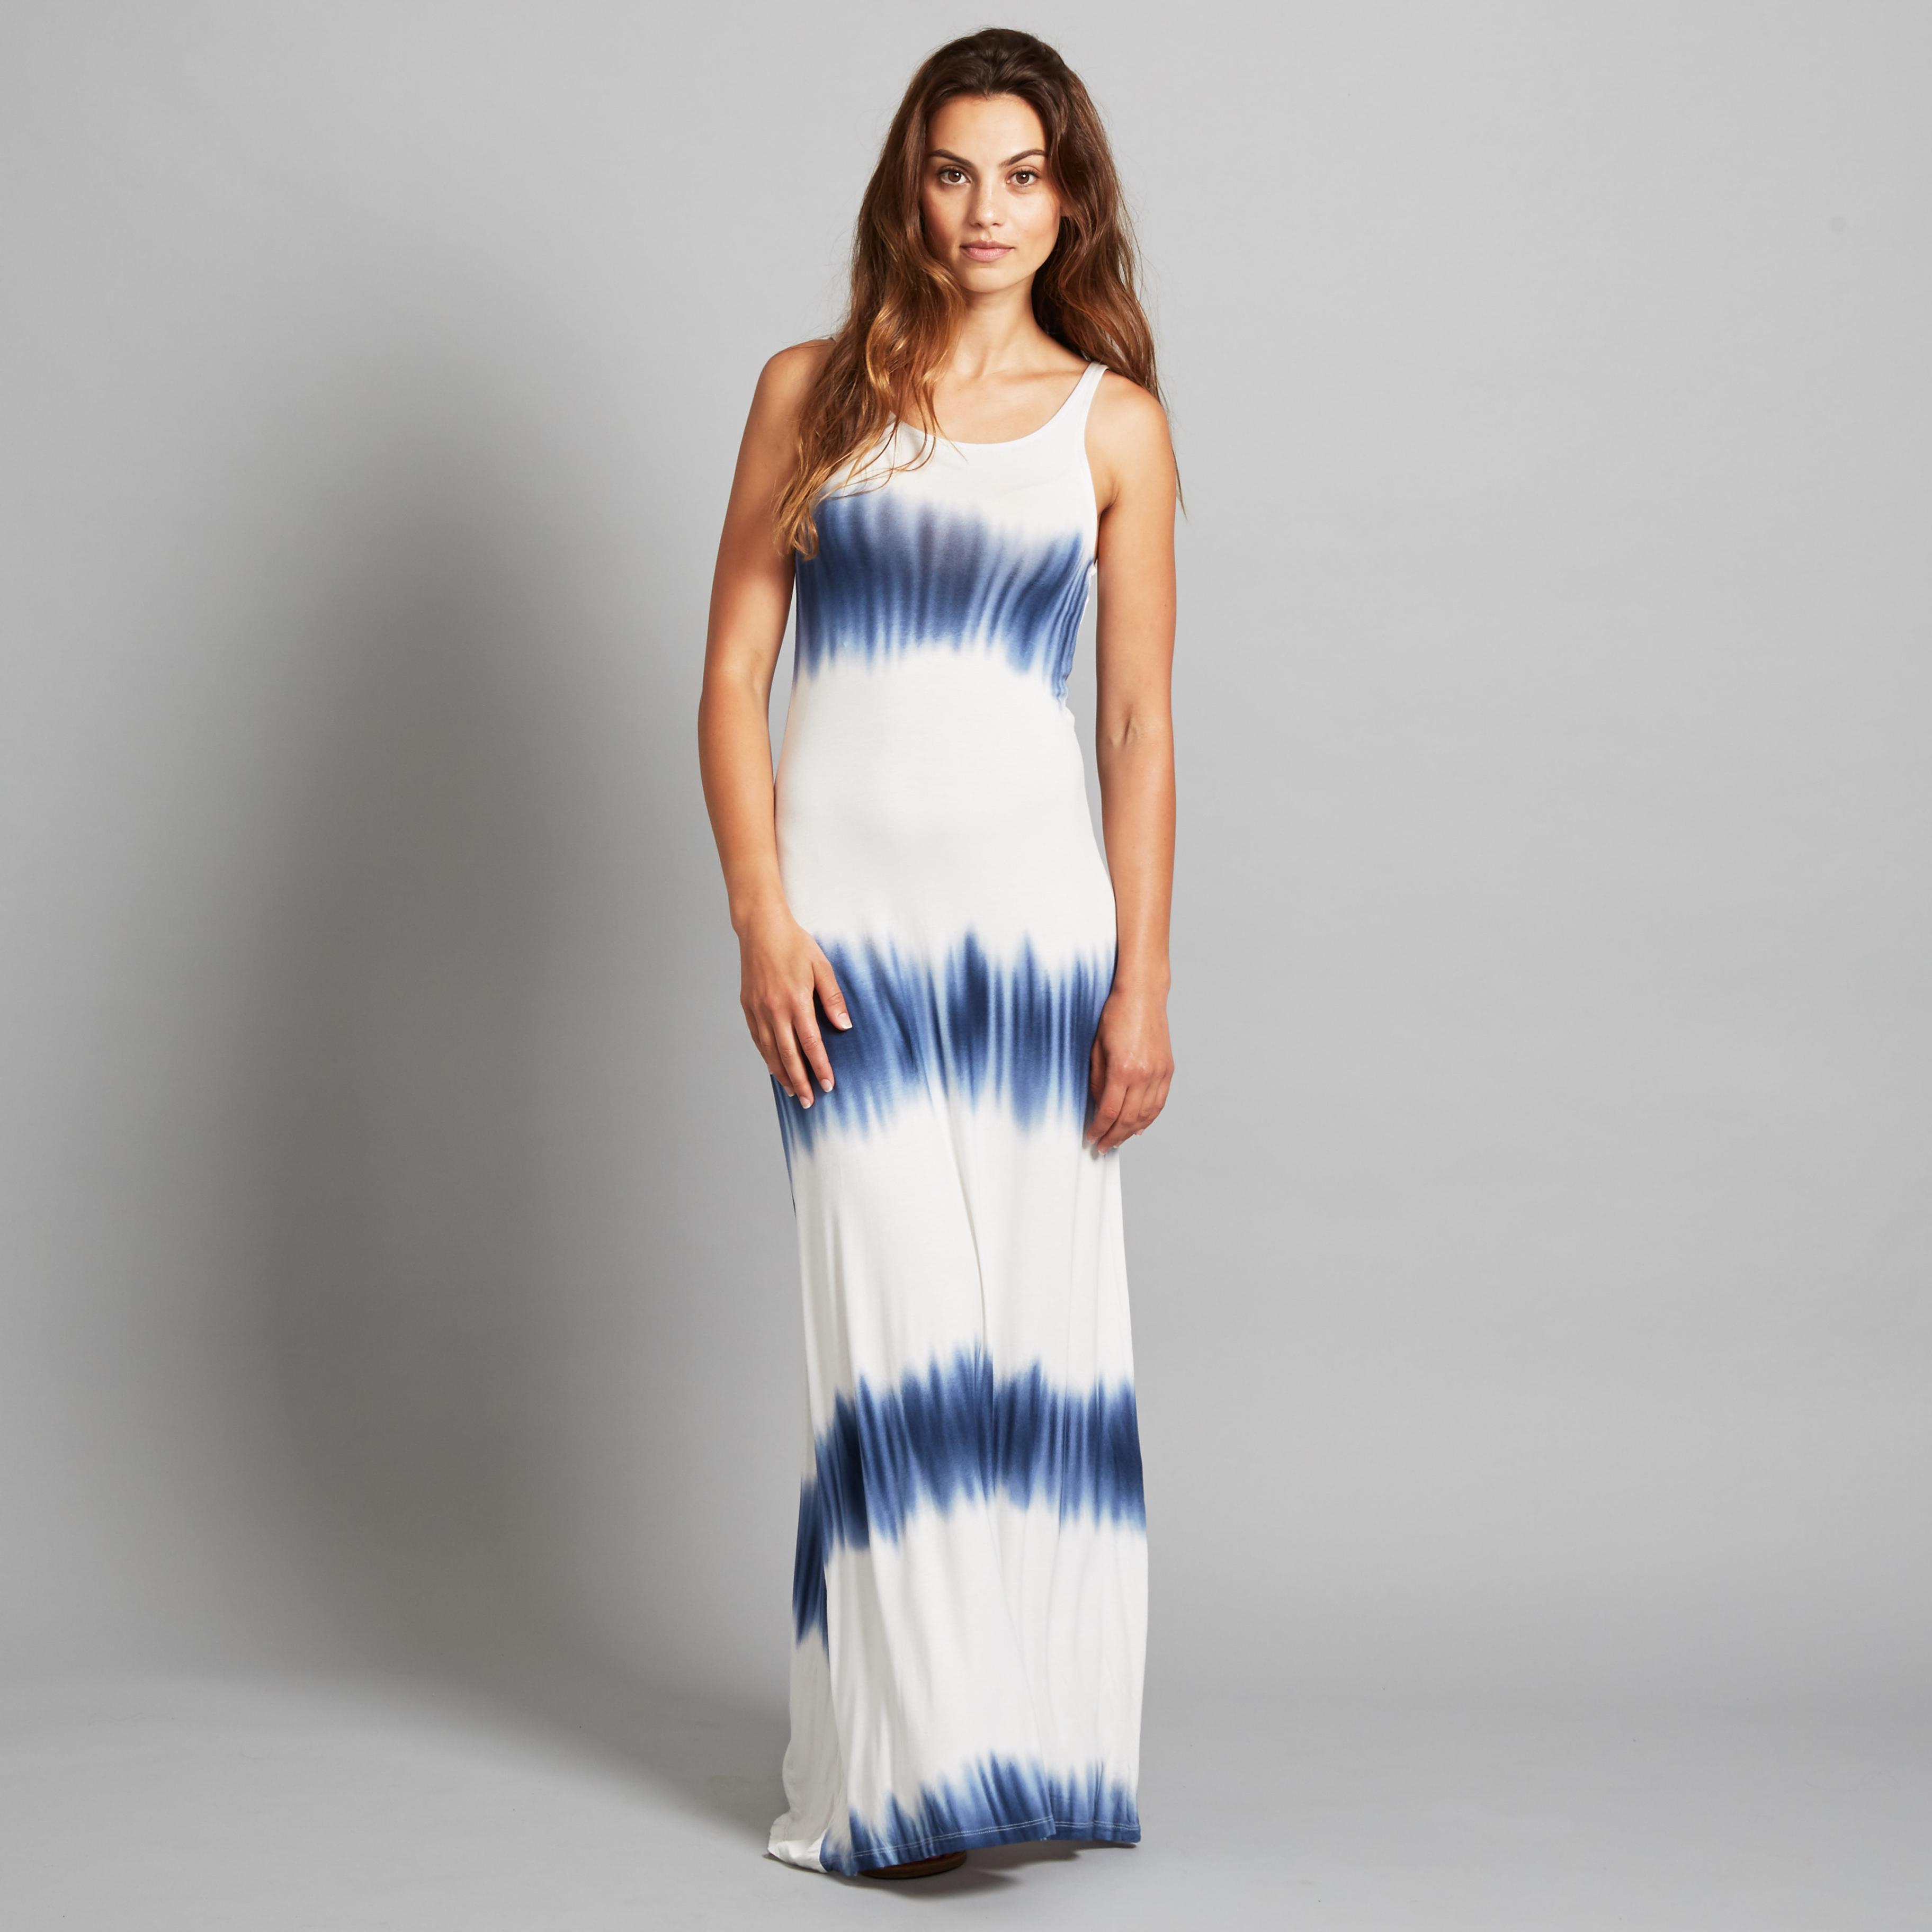 Women's Tie Dye Maxi Dress